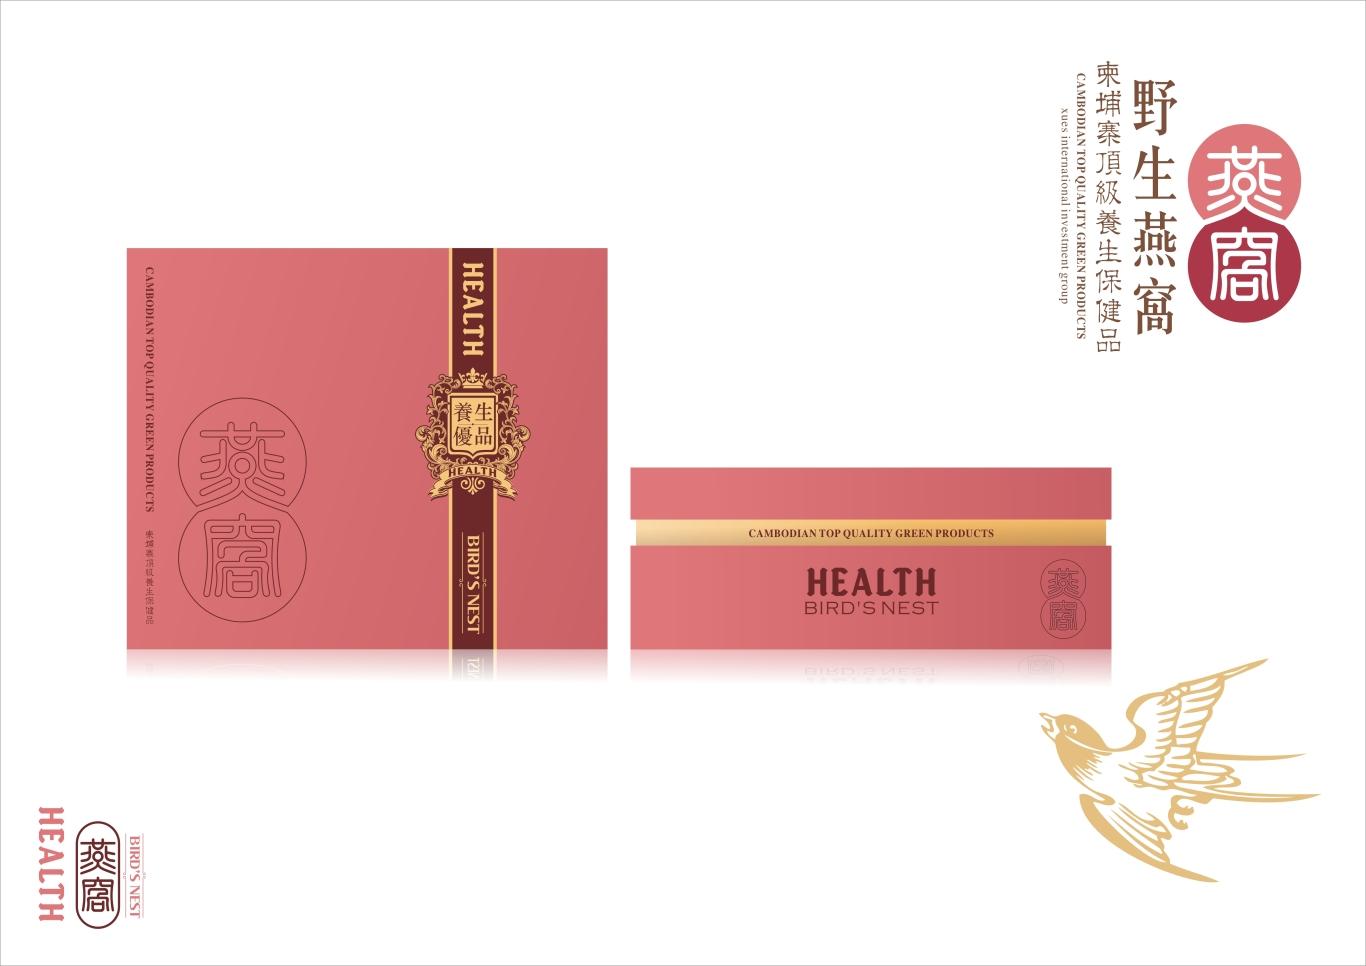 柬埔寨高端养生保健品 燕窝包装设计图3